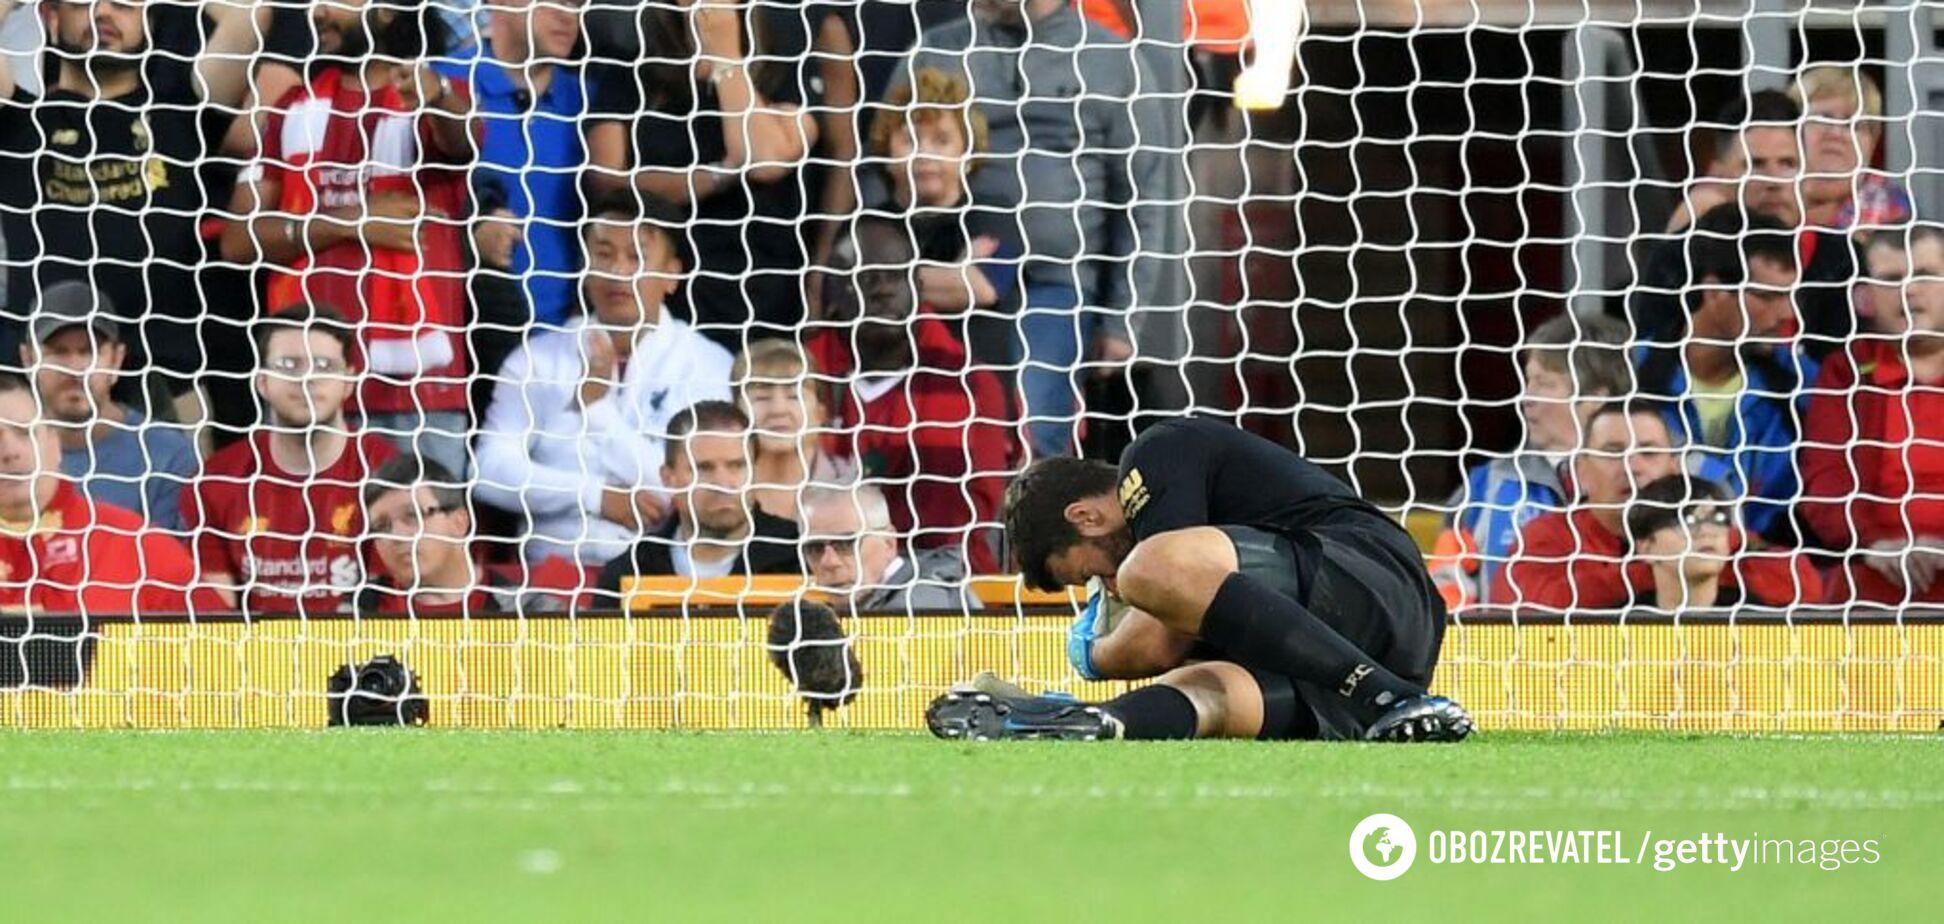 Сезон английской Премьер-лиги начался с жуткого инцидента